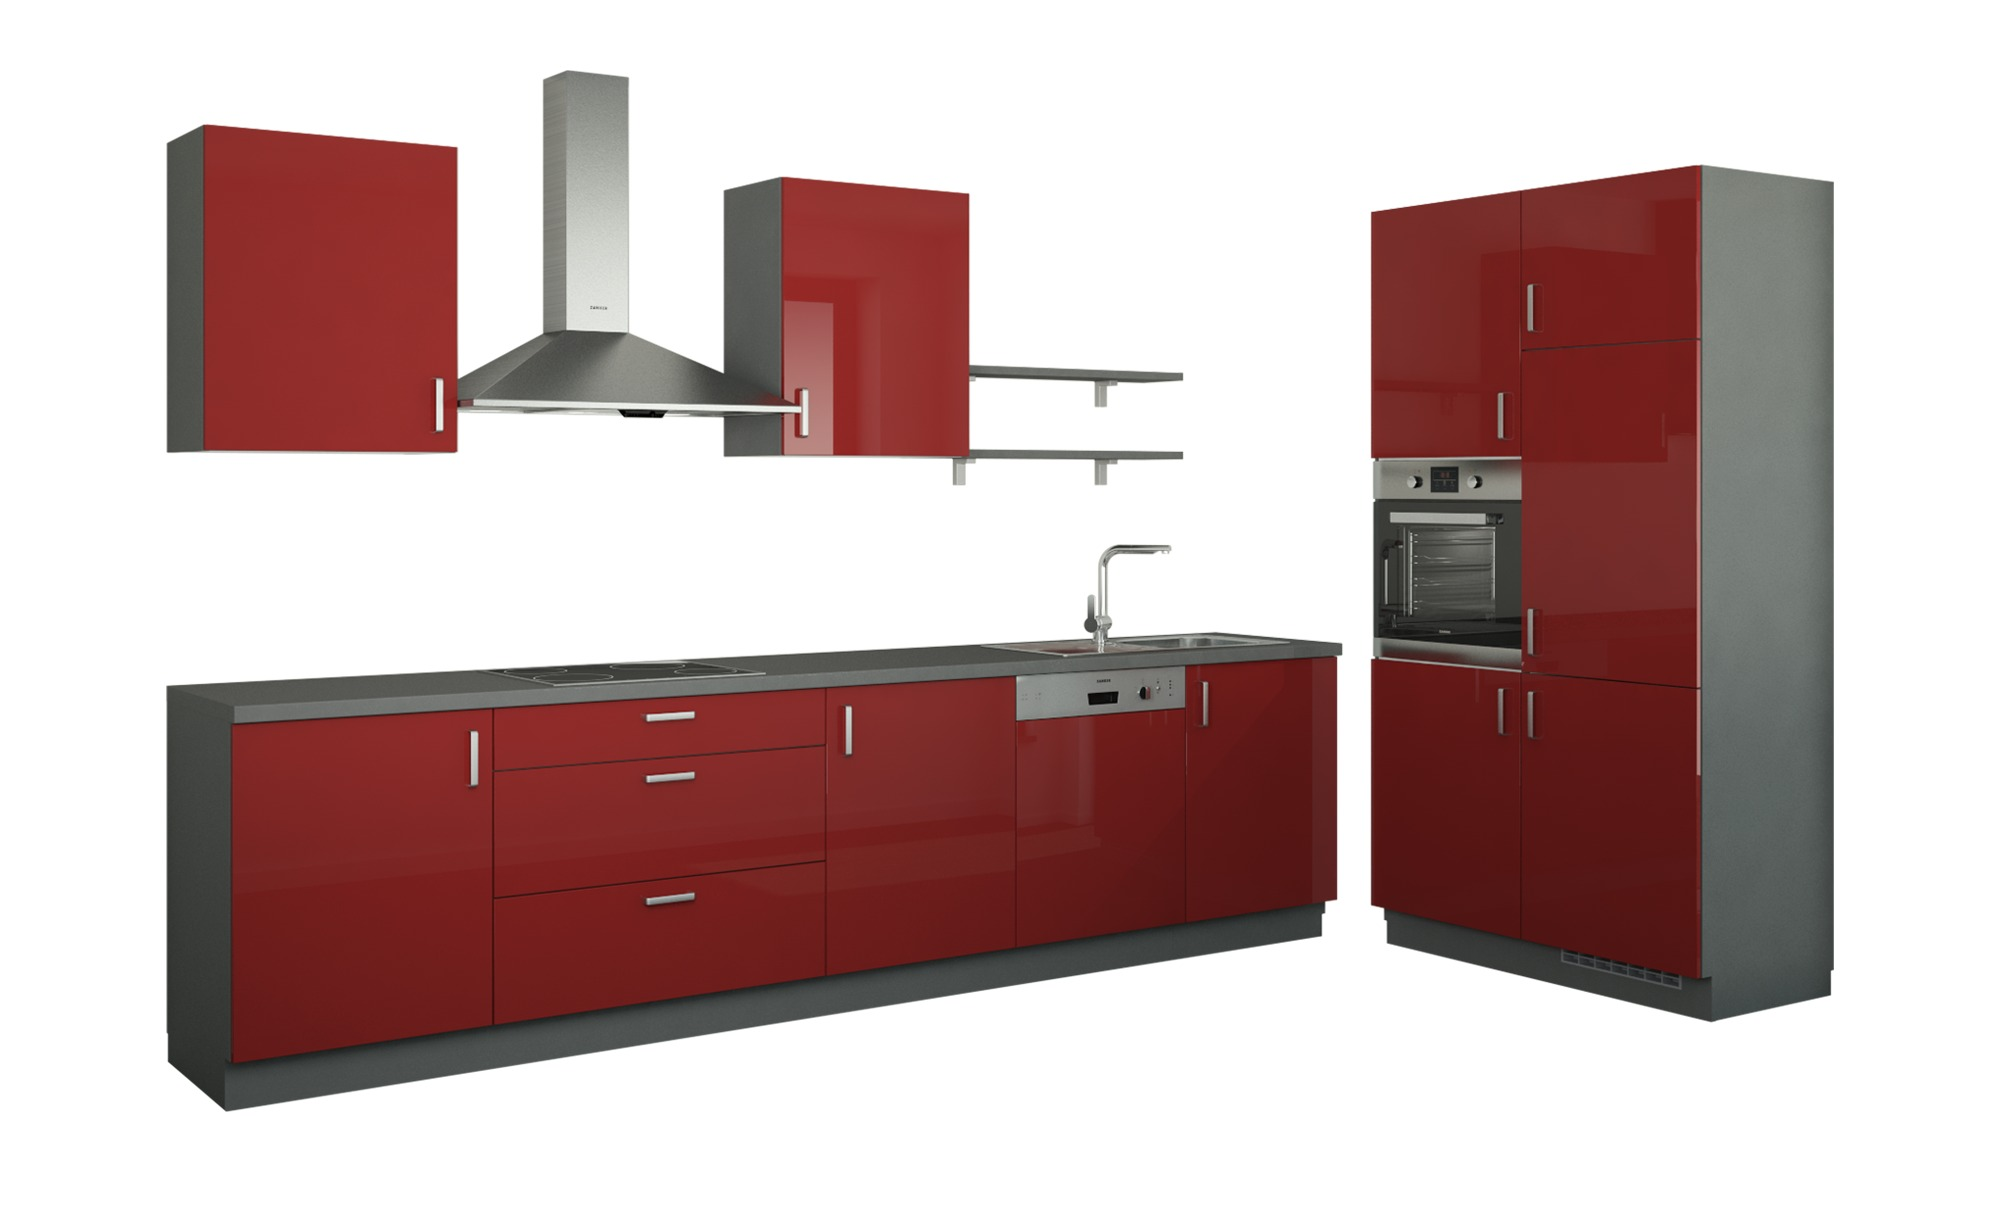 Küchenzeile ohne Elektrogeräte  Usedom ¦ rot Küchen > Küchenblöcke - Höffner | Küche und Esszimmer > Küchen | Rot | Holzwerkstoff - Metall - Edelstahl | Möbel Höffner DE